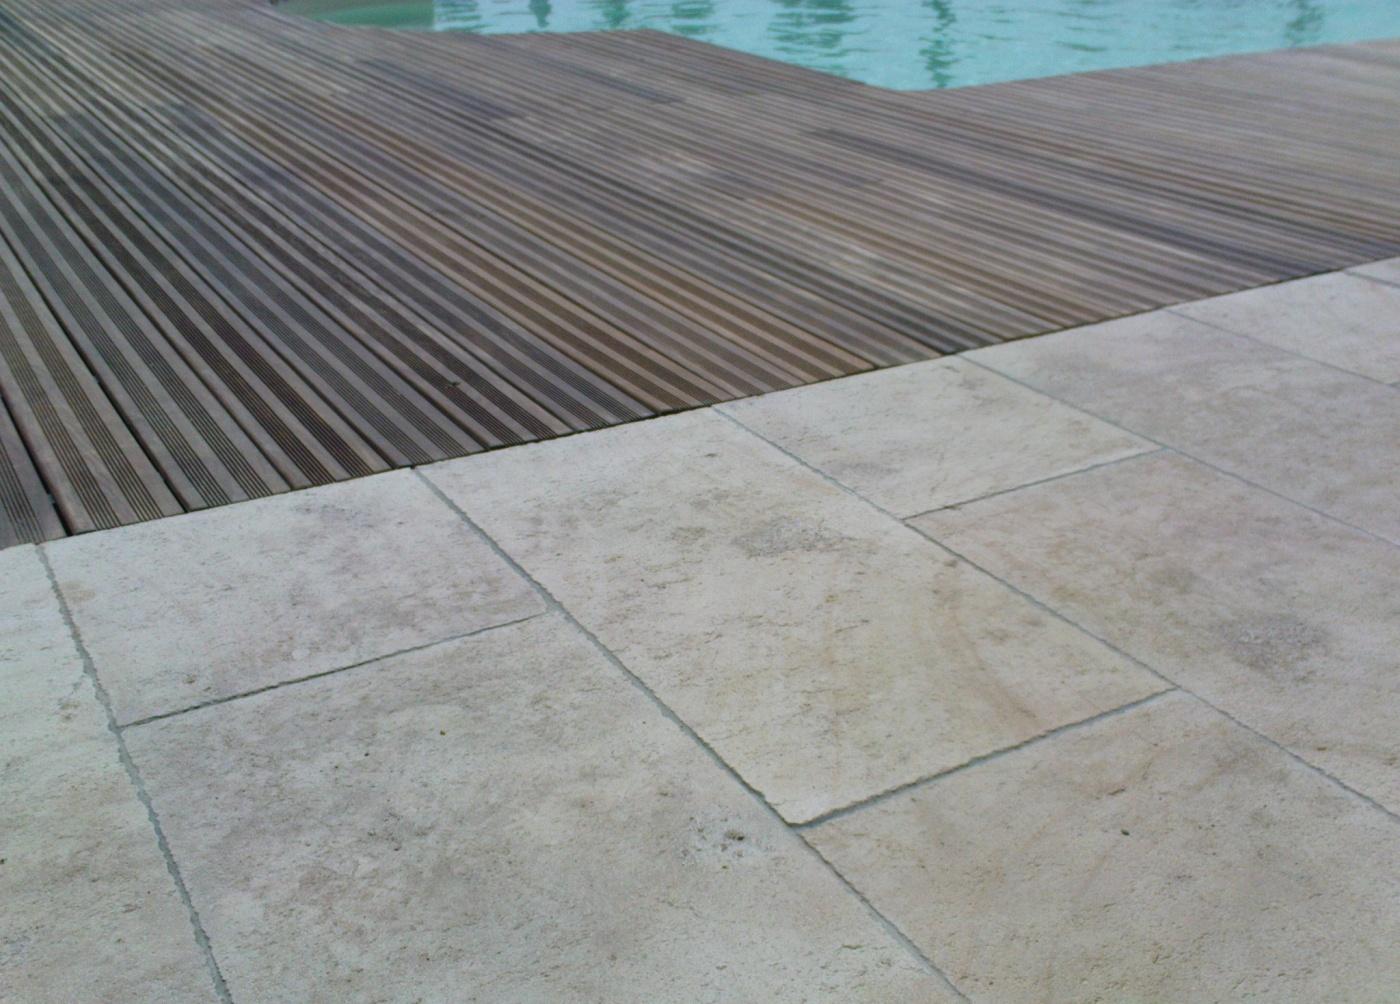 Dallage de terrasse de piscine en pierre naturelle Ampilly Antique  Bandes libres de 50cm x 2cm. Chantier en Région Paca